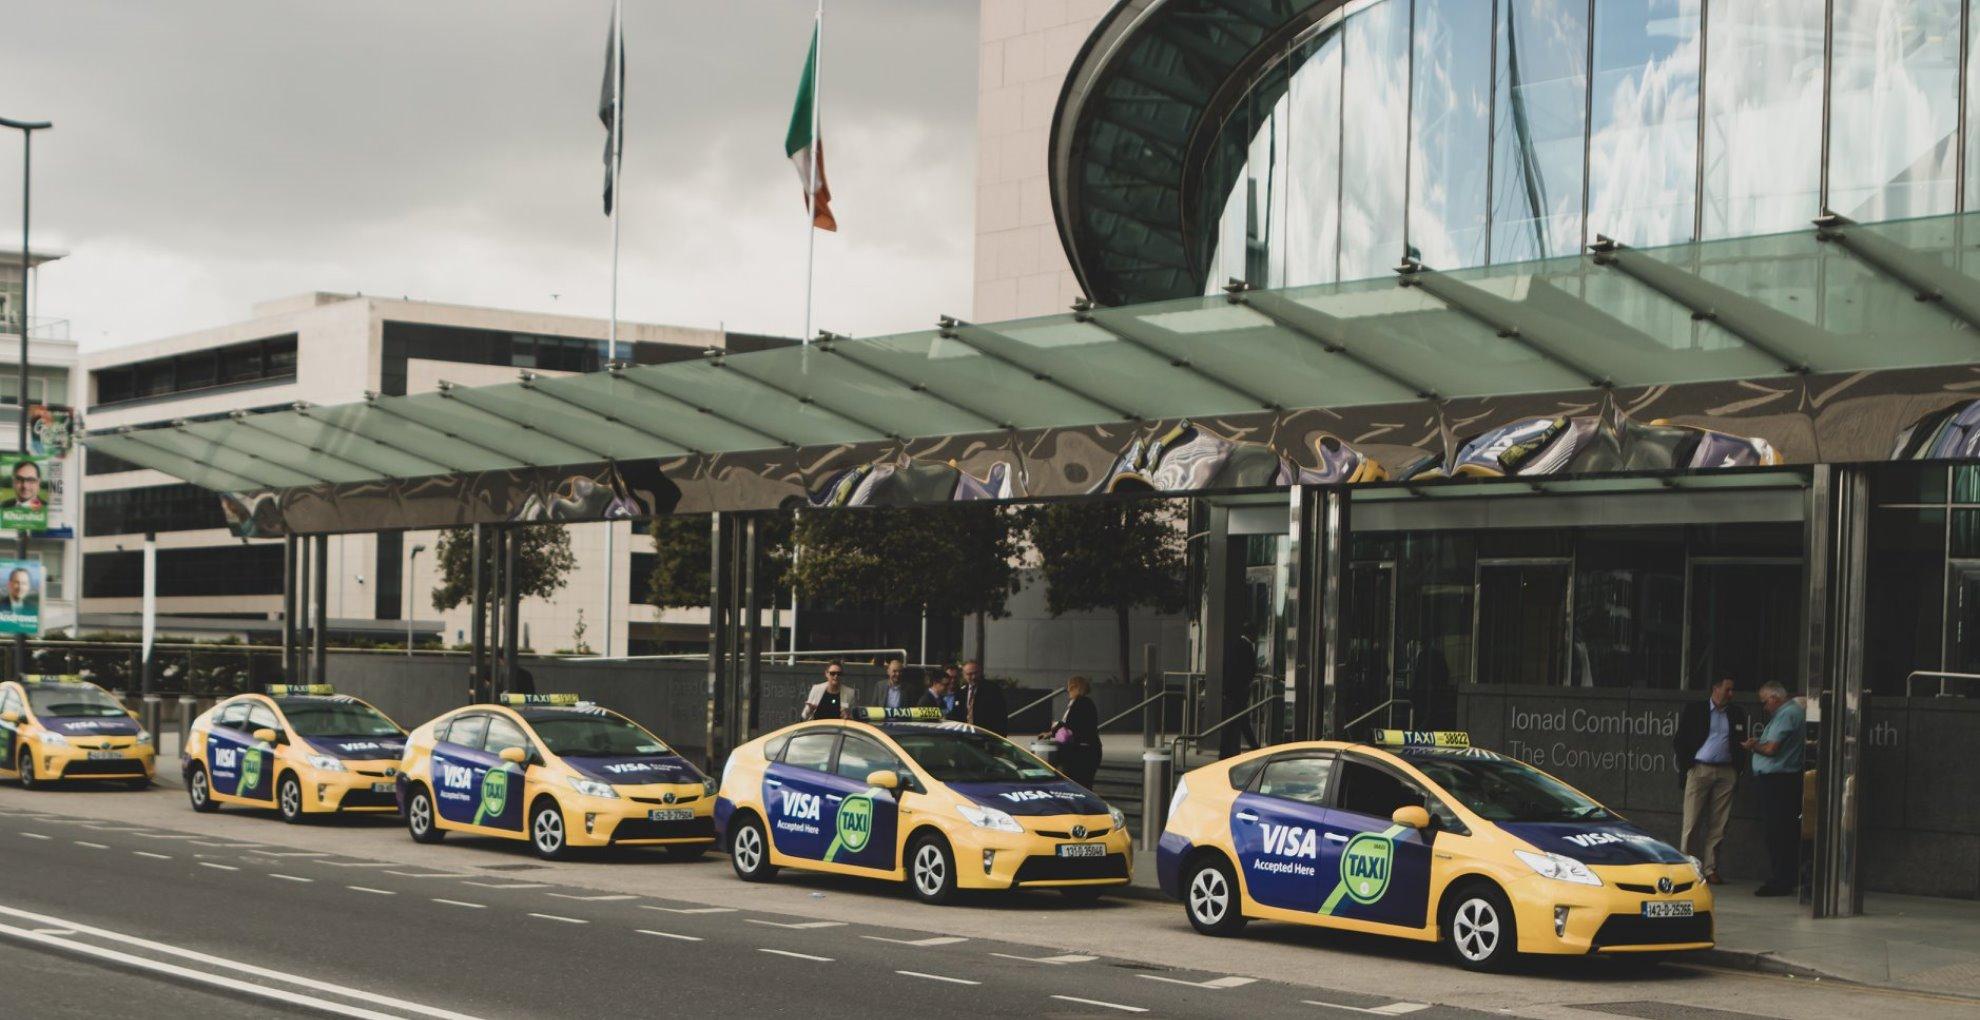 convention center taxi fleet ads